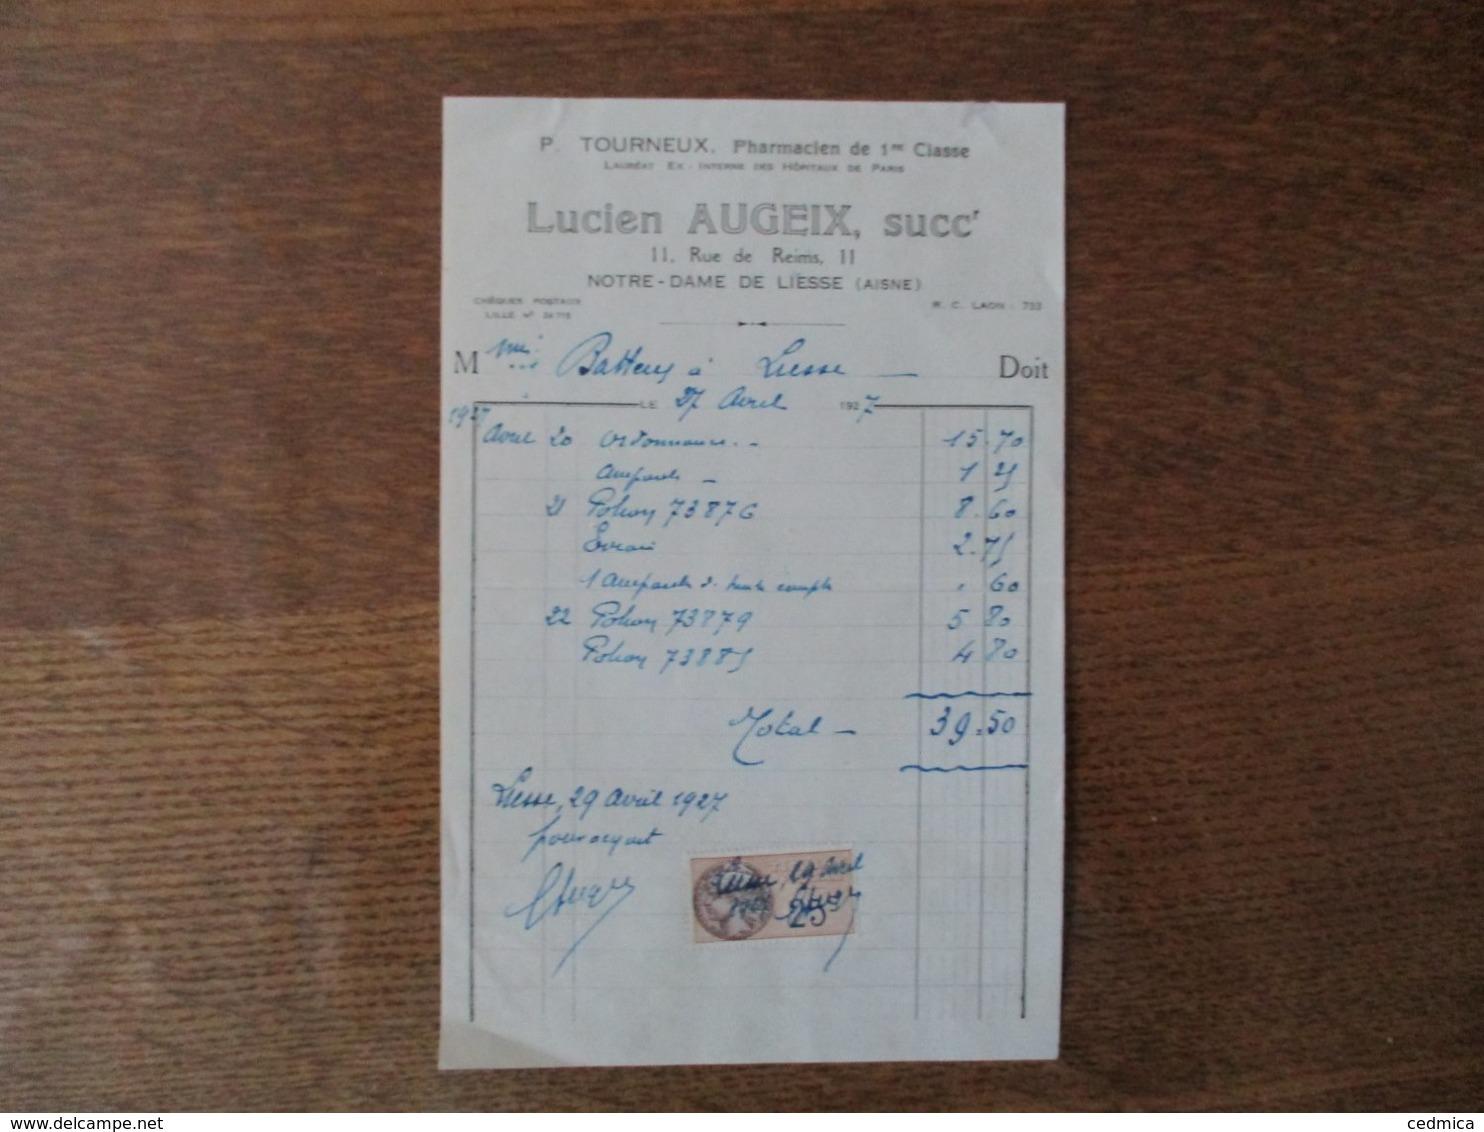 NOTRE-DAME DE LIESSE LUCIEN AUGEIX PHARMACIEN 11 RUE DE REIMS FACTURE DU 27 AVRIL 1927 - France